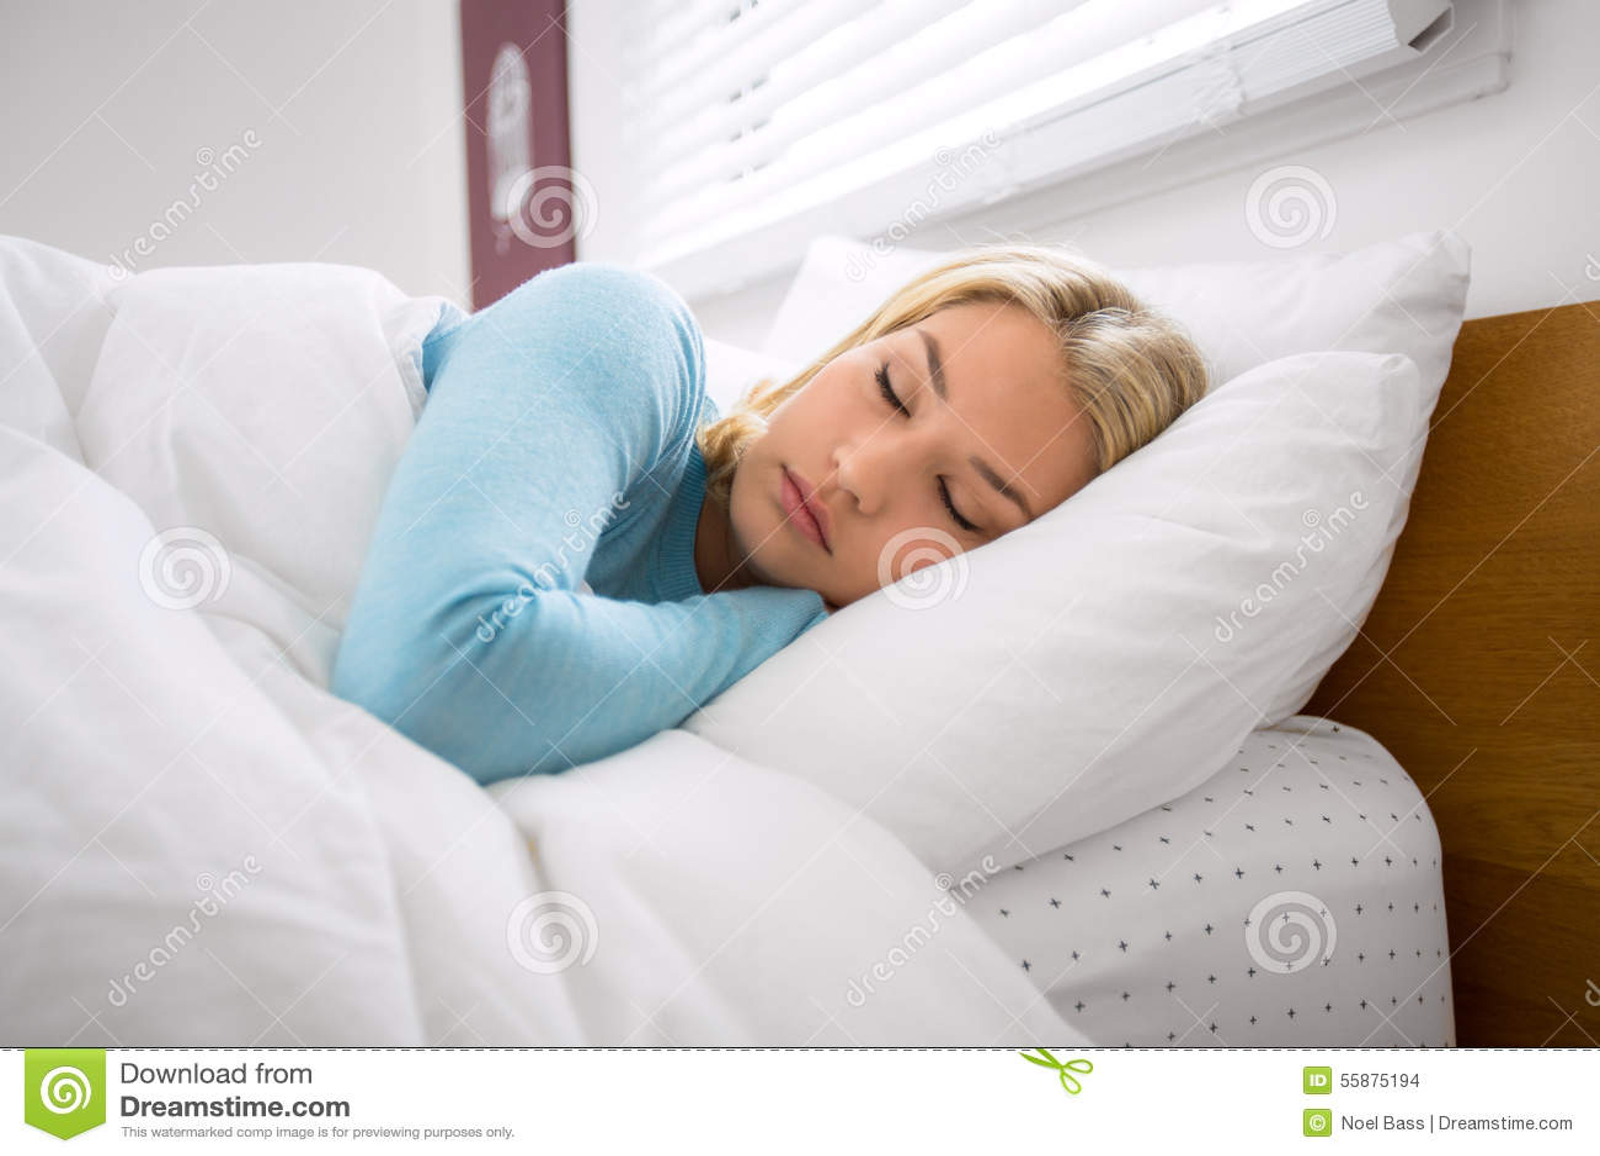 Mulher na cama com descanso fechado dos olhos pacificamente e sono tomando uma sesta